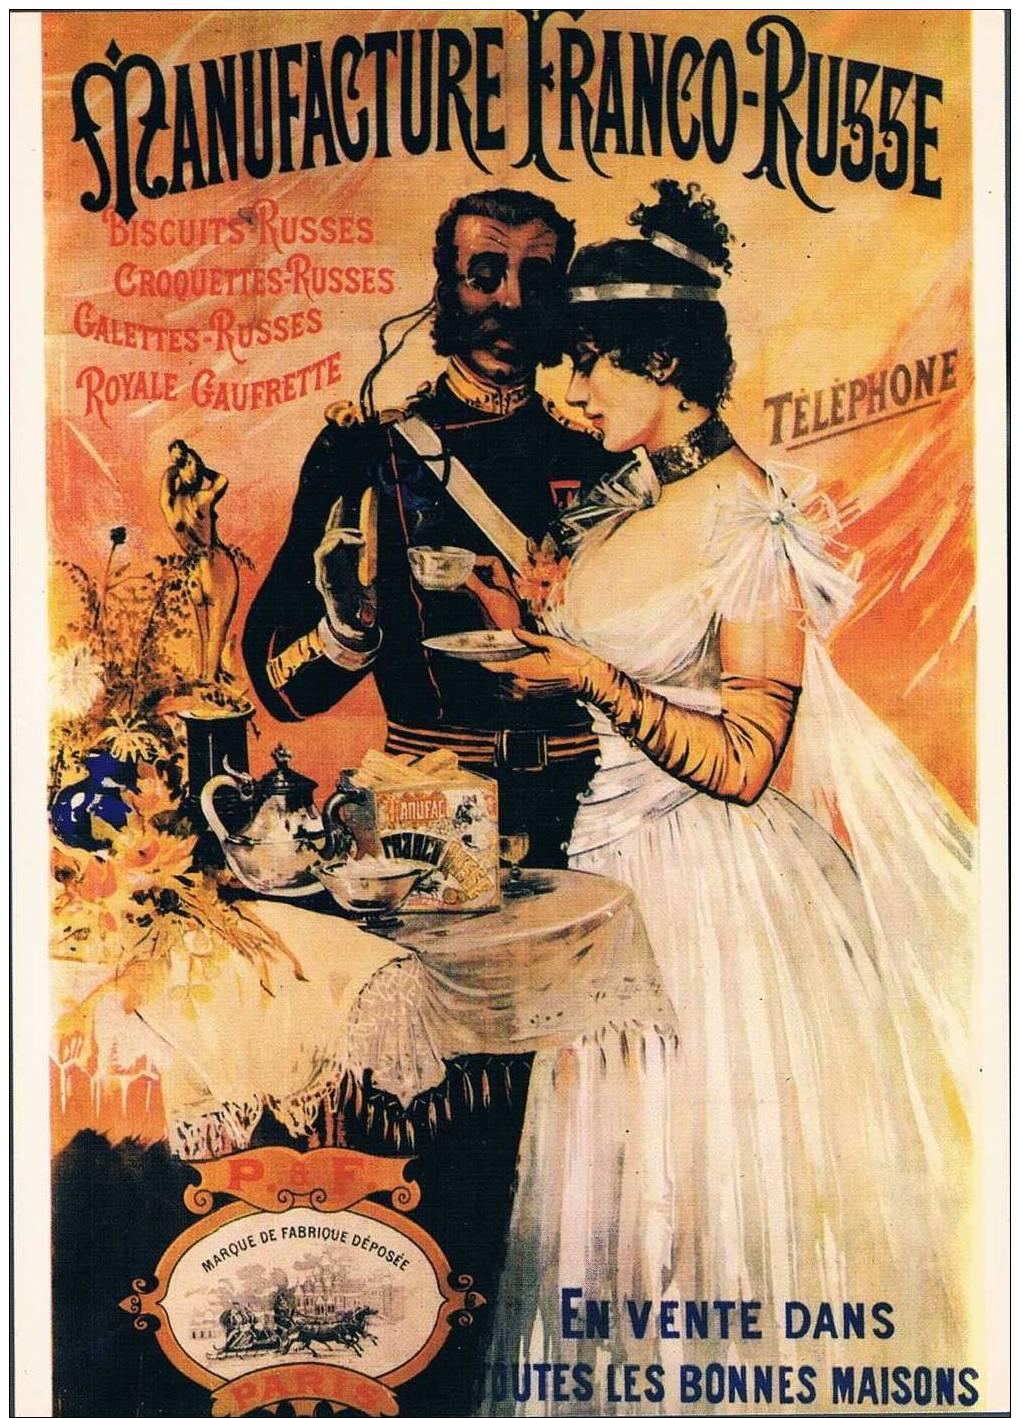 Publicité Sur Carte - Manufacture Franco-Russe - Publicidad